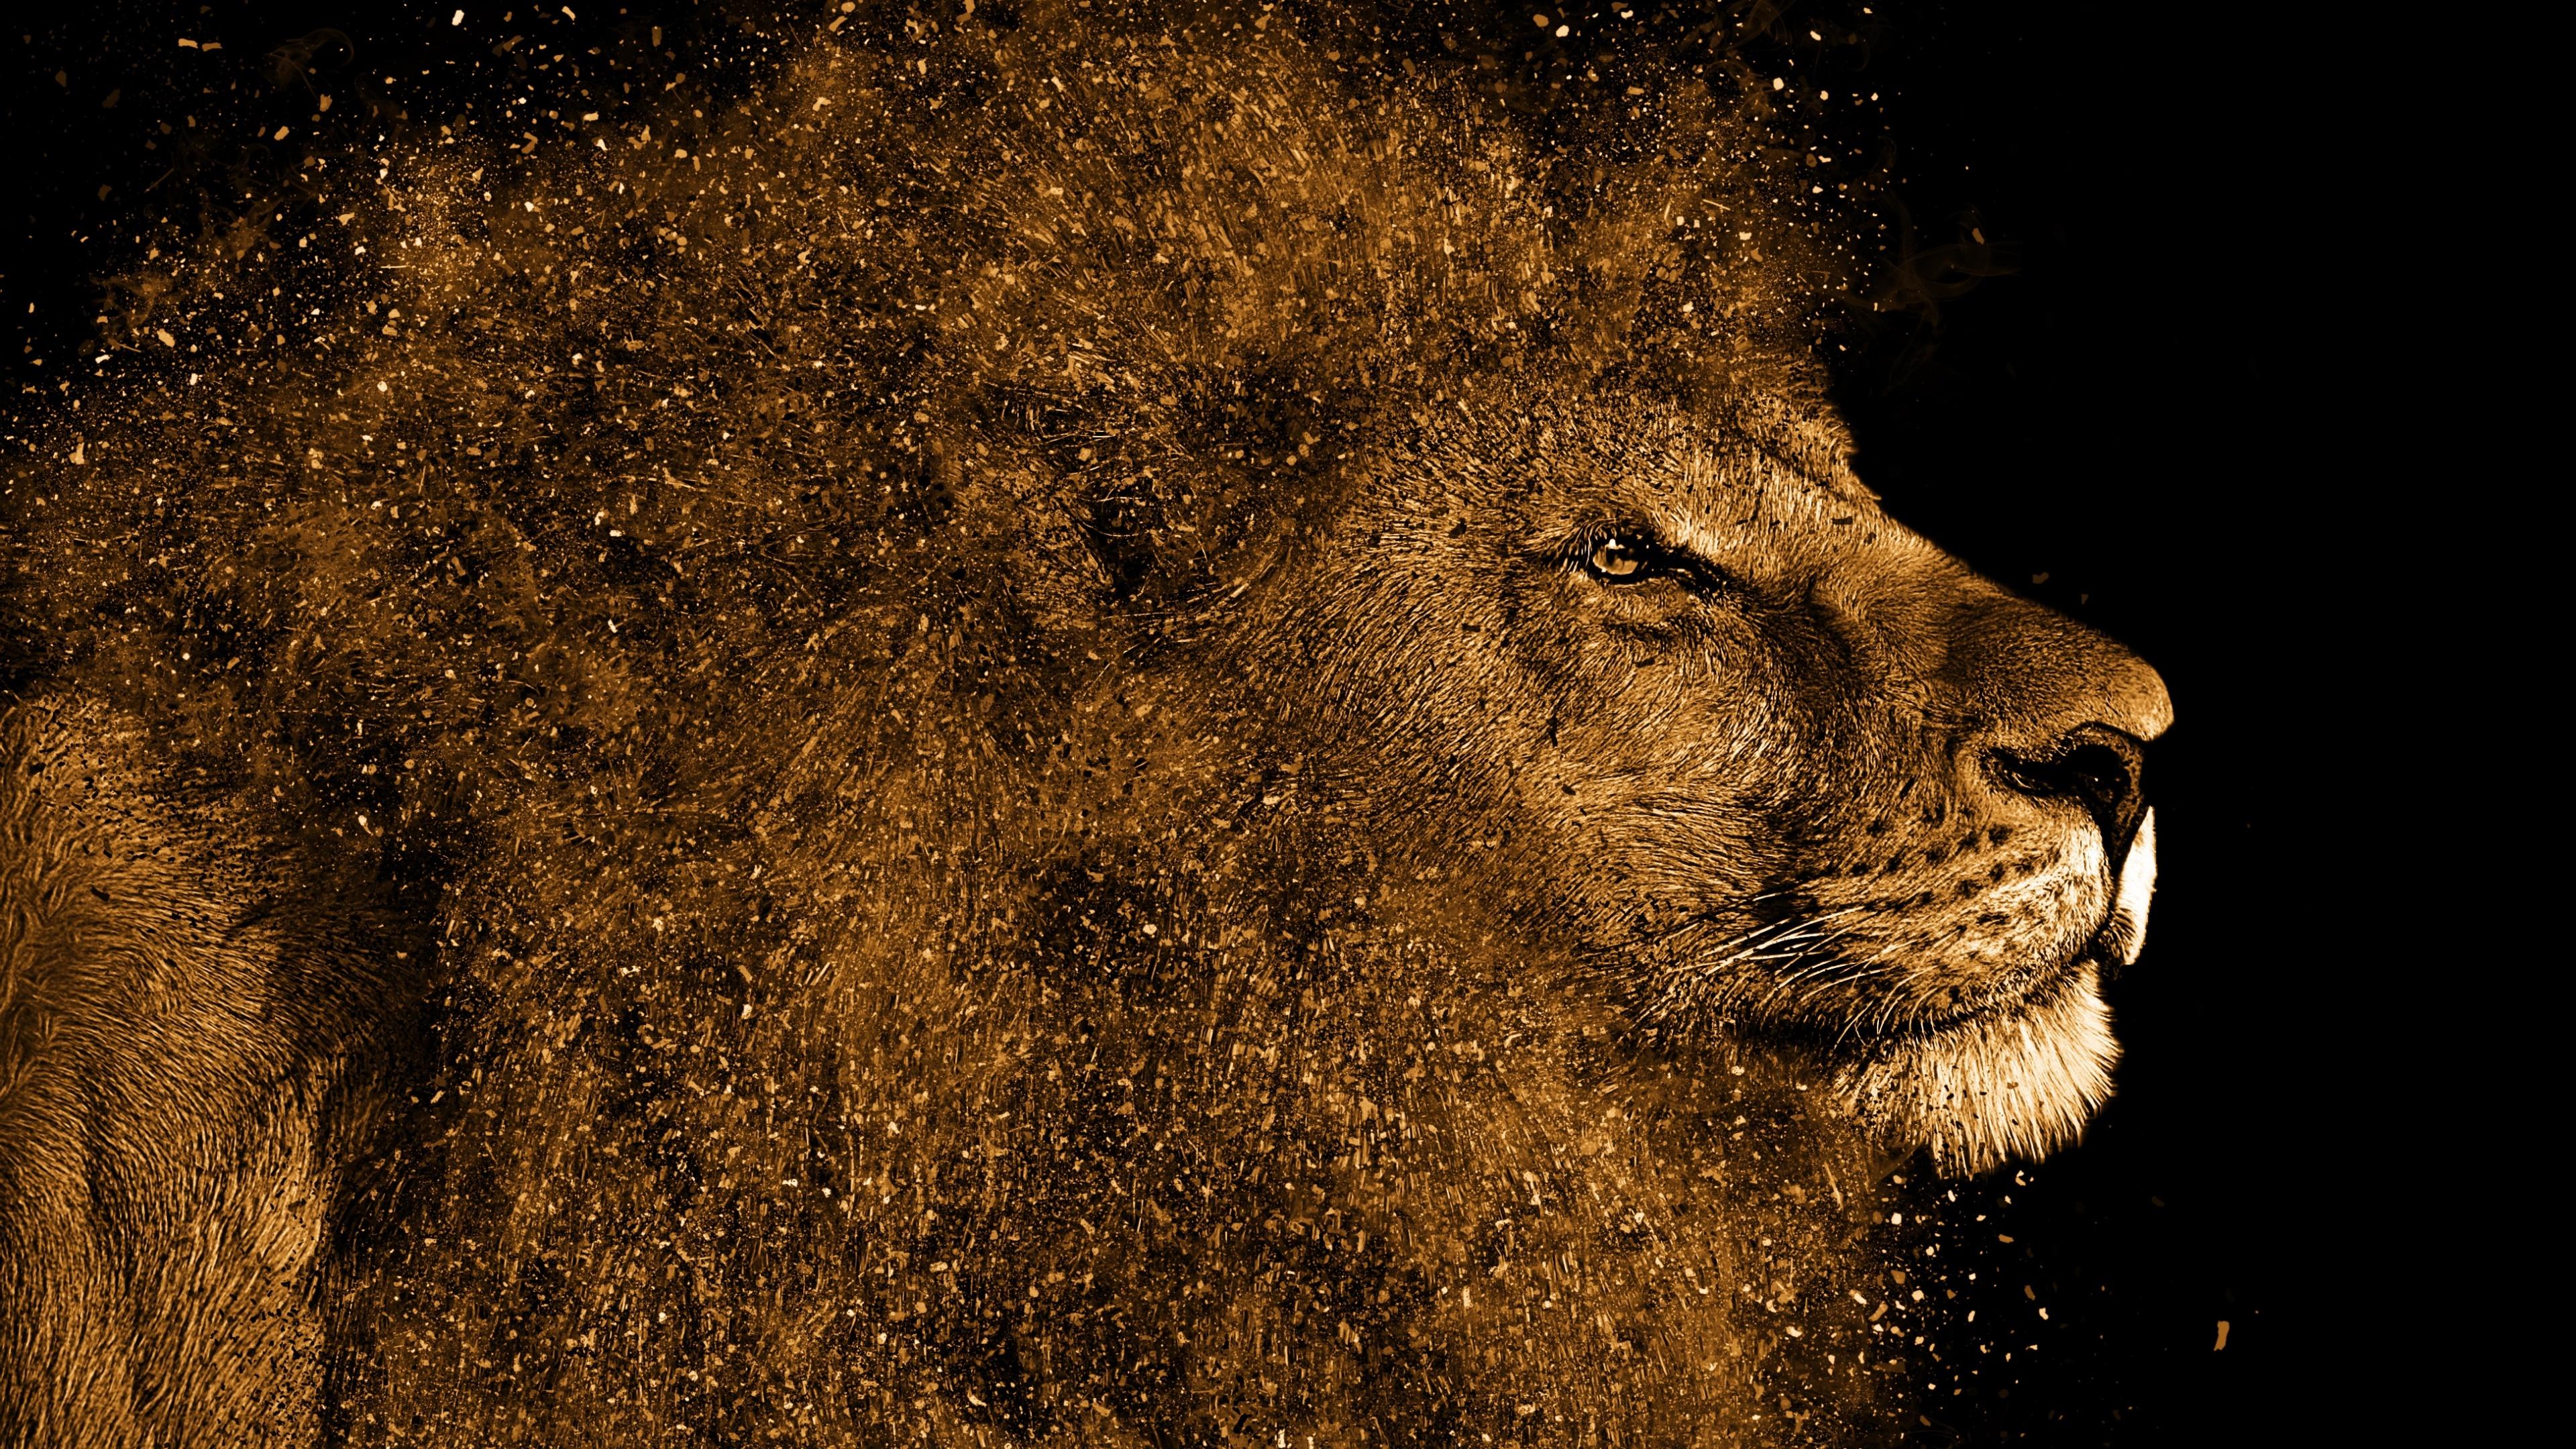 Lion art wallpaper